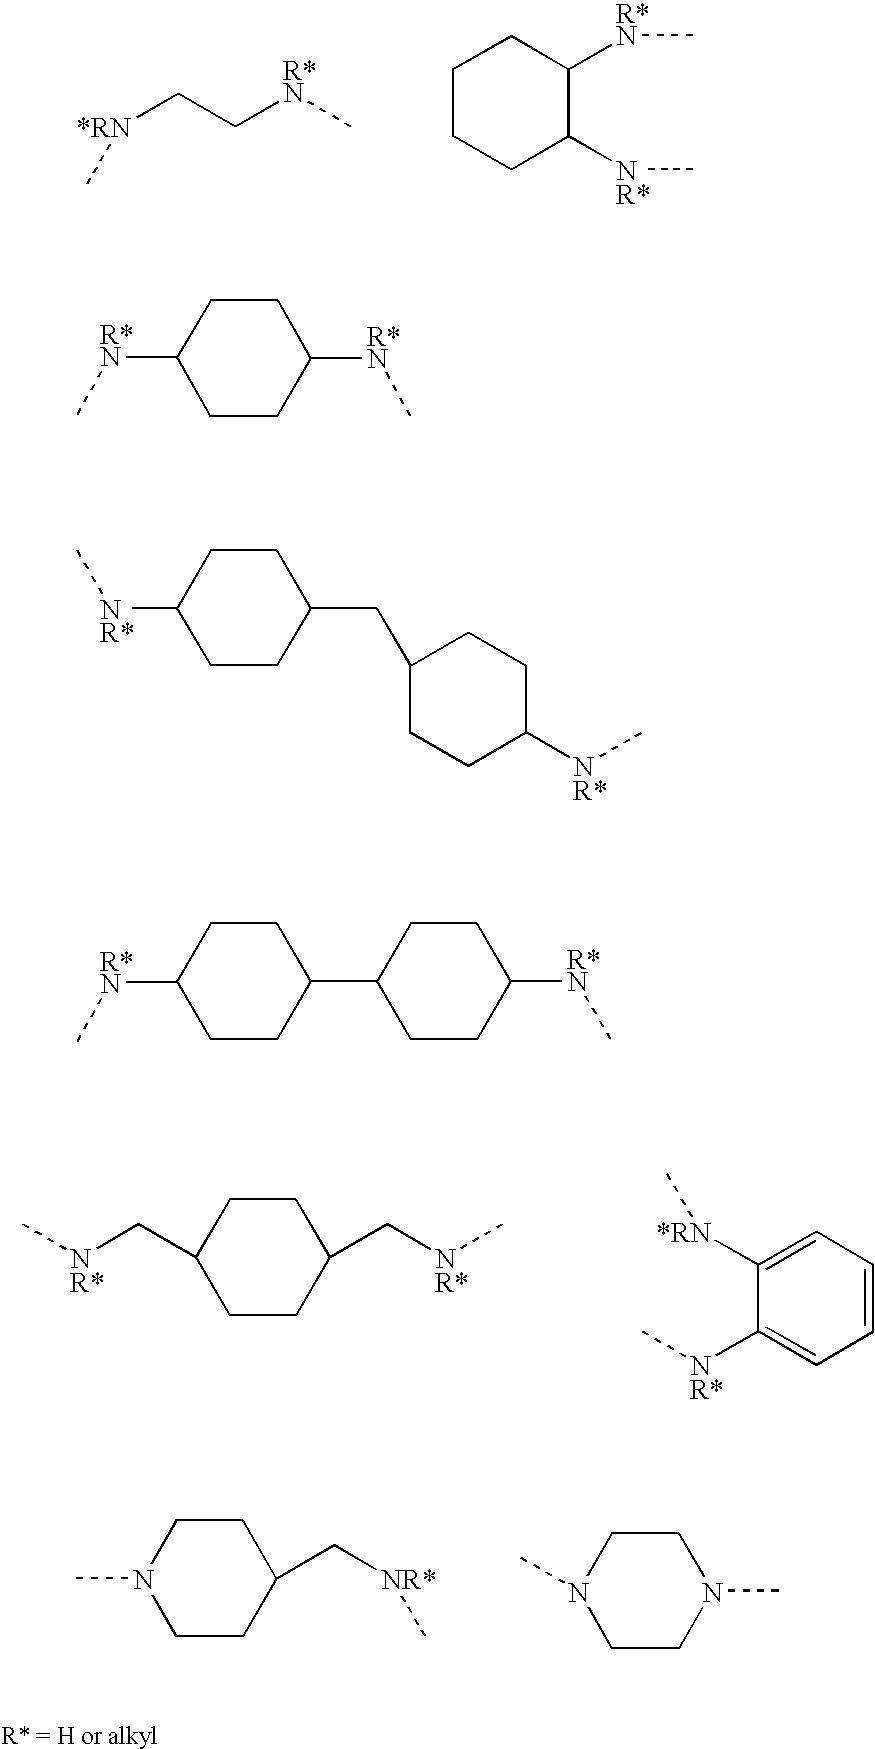 Figure US20080103301A1-20080501-C00008